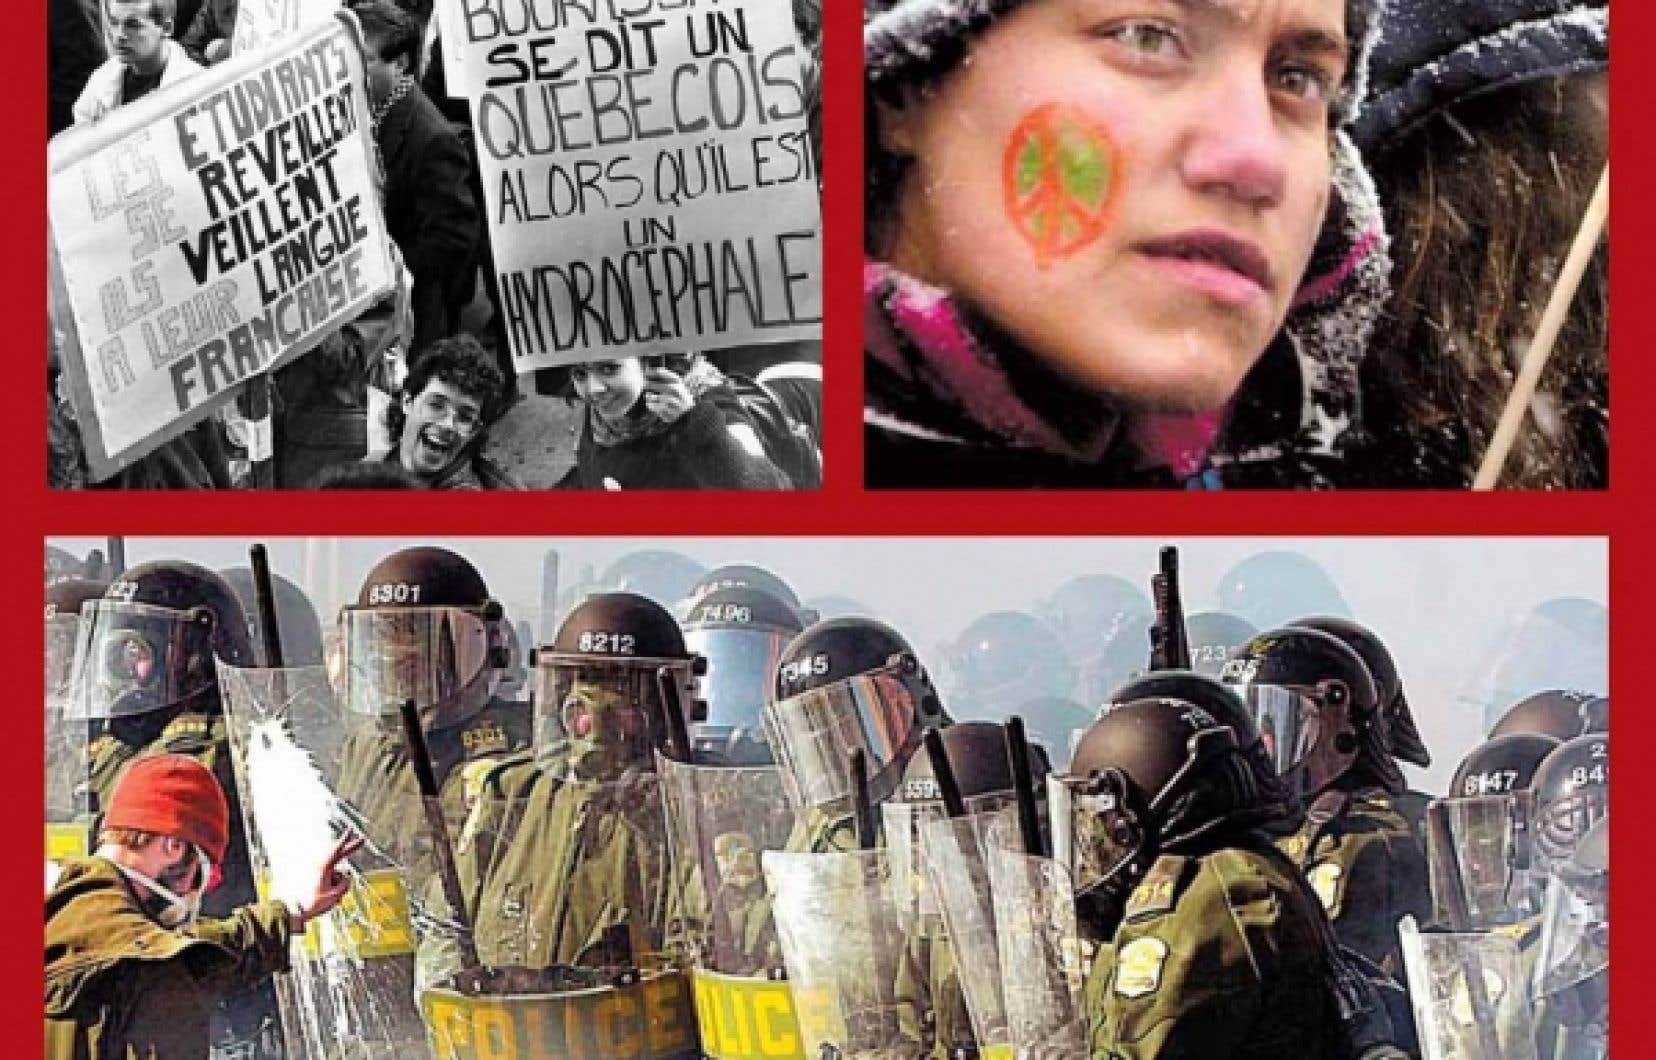 Une manifestation pour appuyer la loi 101 attire 60 000 en 1989. 200 000 personnes ont manifesté à Montréal contre la guerre en Irak le 15 mars 2003. On a compté entre 50 000 et 65 000 manifestants au Sommet des Amériques, à Québec en 2001.